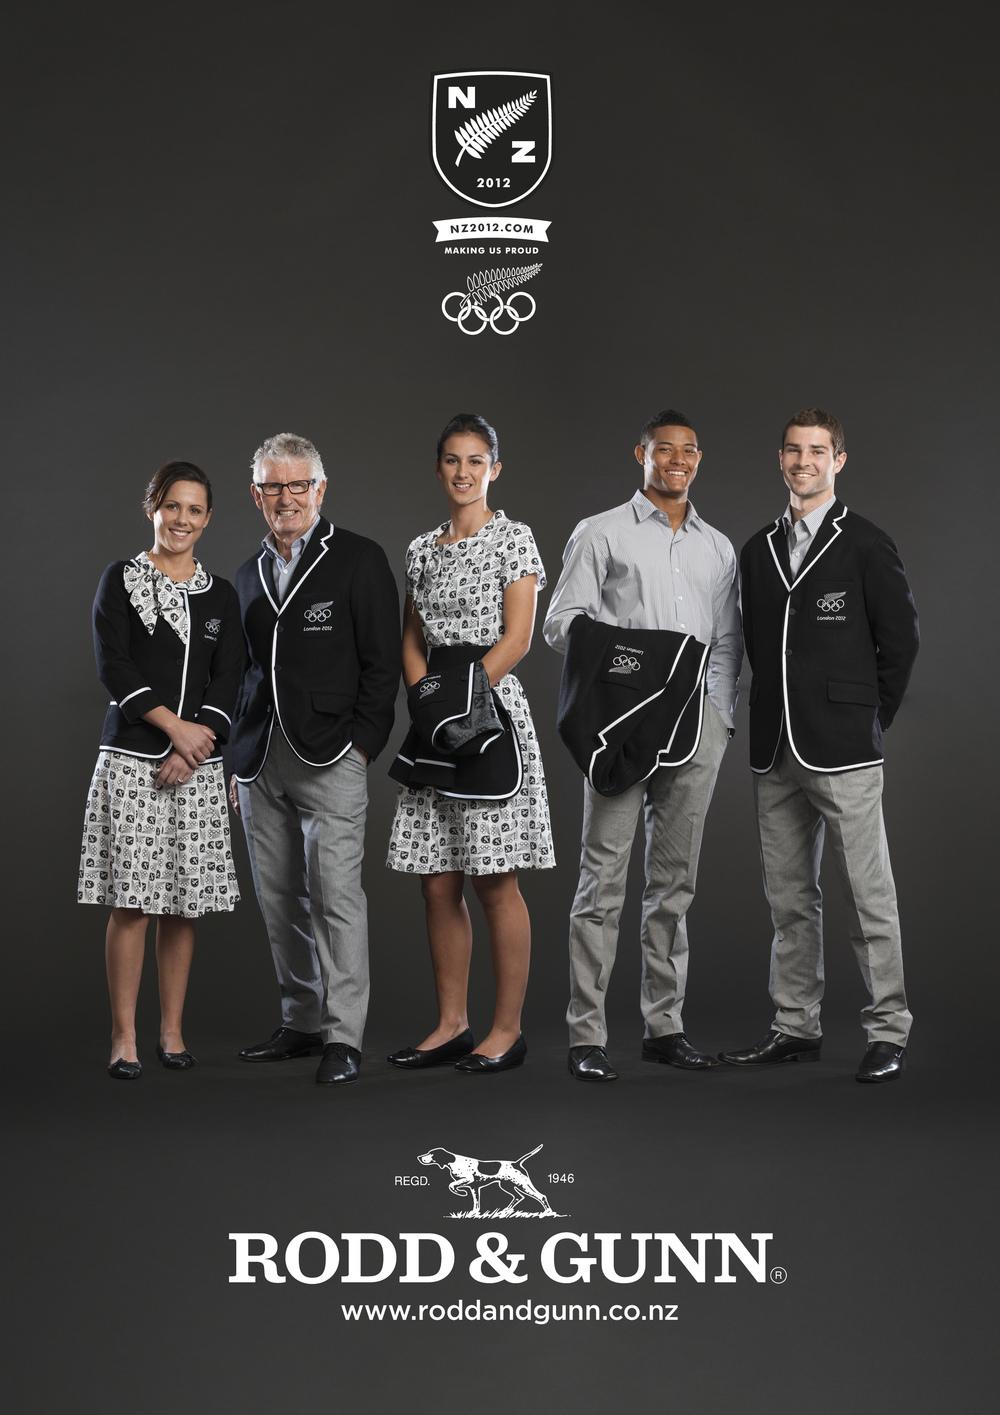 Rodd&Gunn_NZ_Olympic.jpg